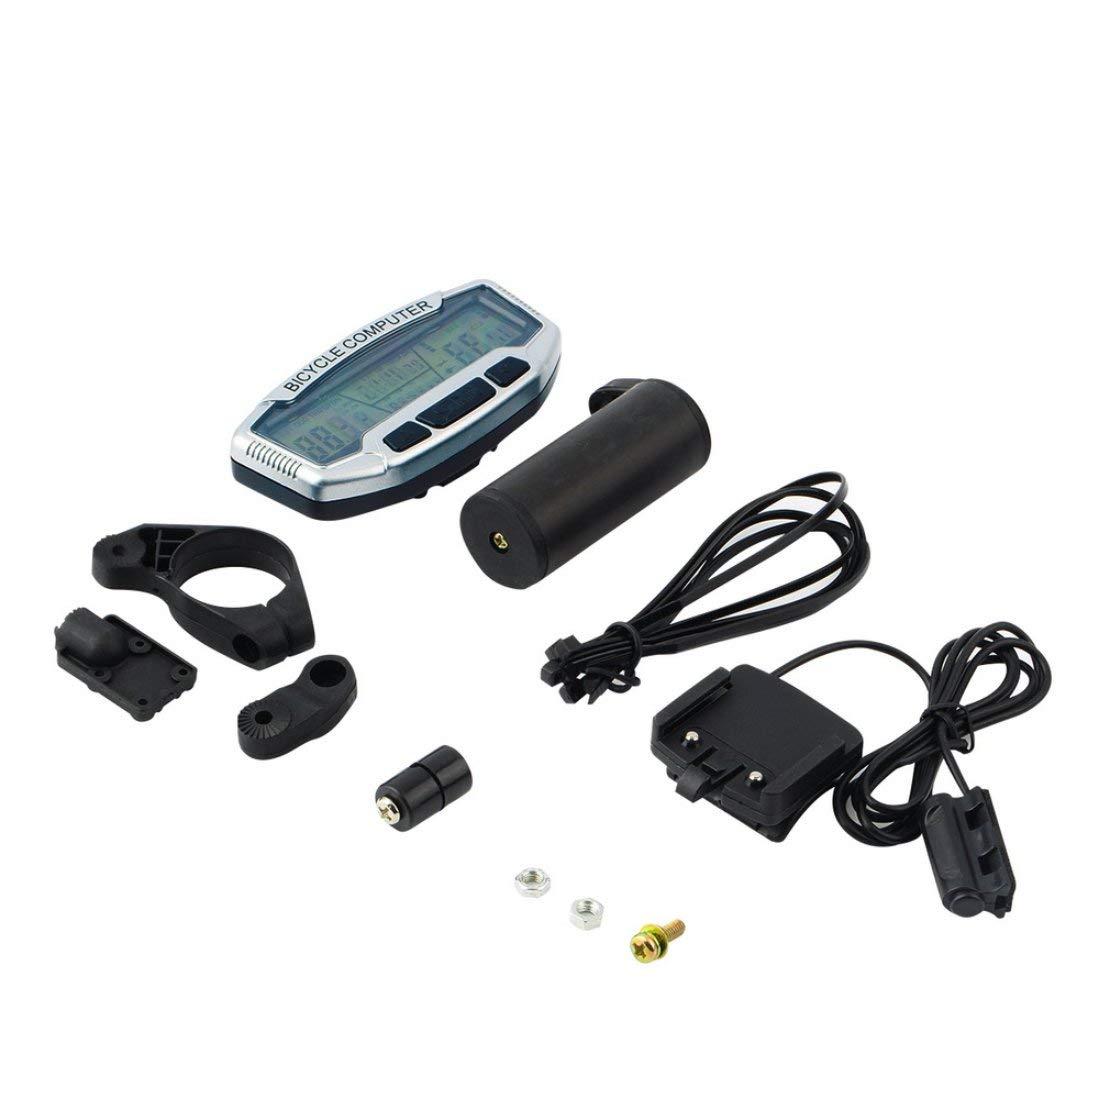 Sanzhileg ABS con Cable Pantalla LCD Bicicleta de la Bici Ciclismo Cuentakilómetros velocímetro cronómetro velocímetro SD-558A